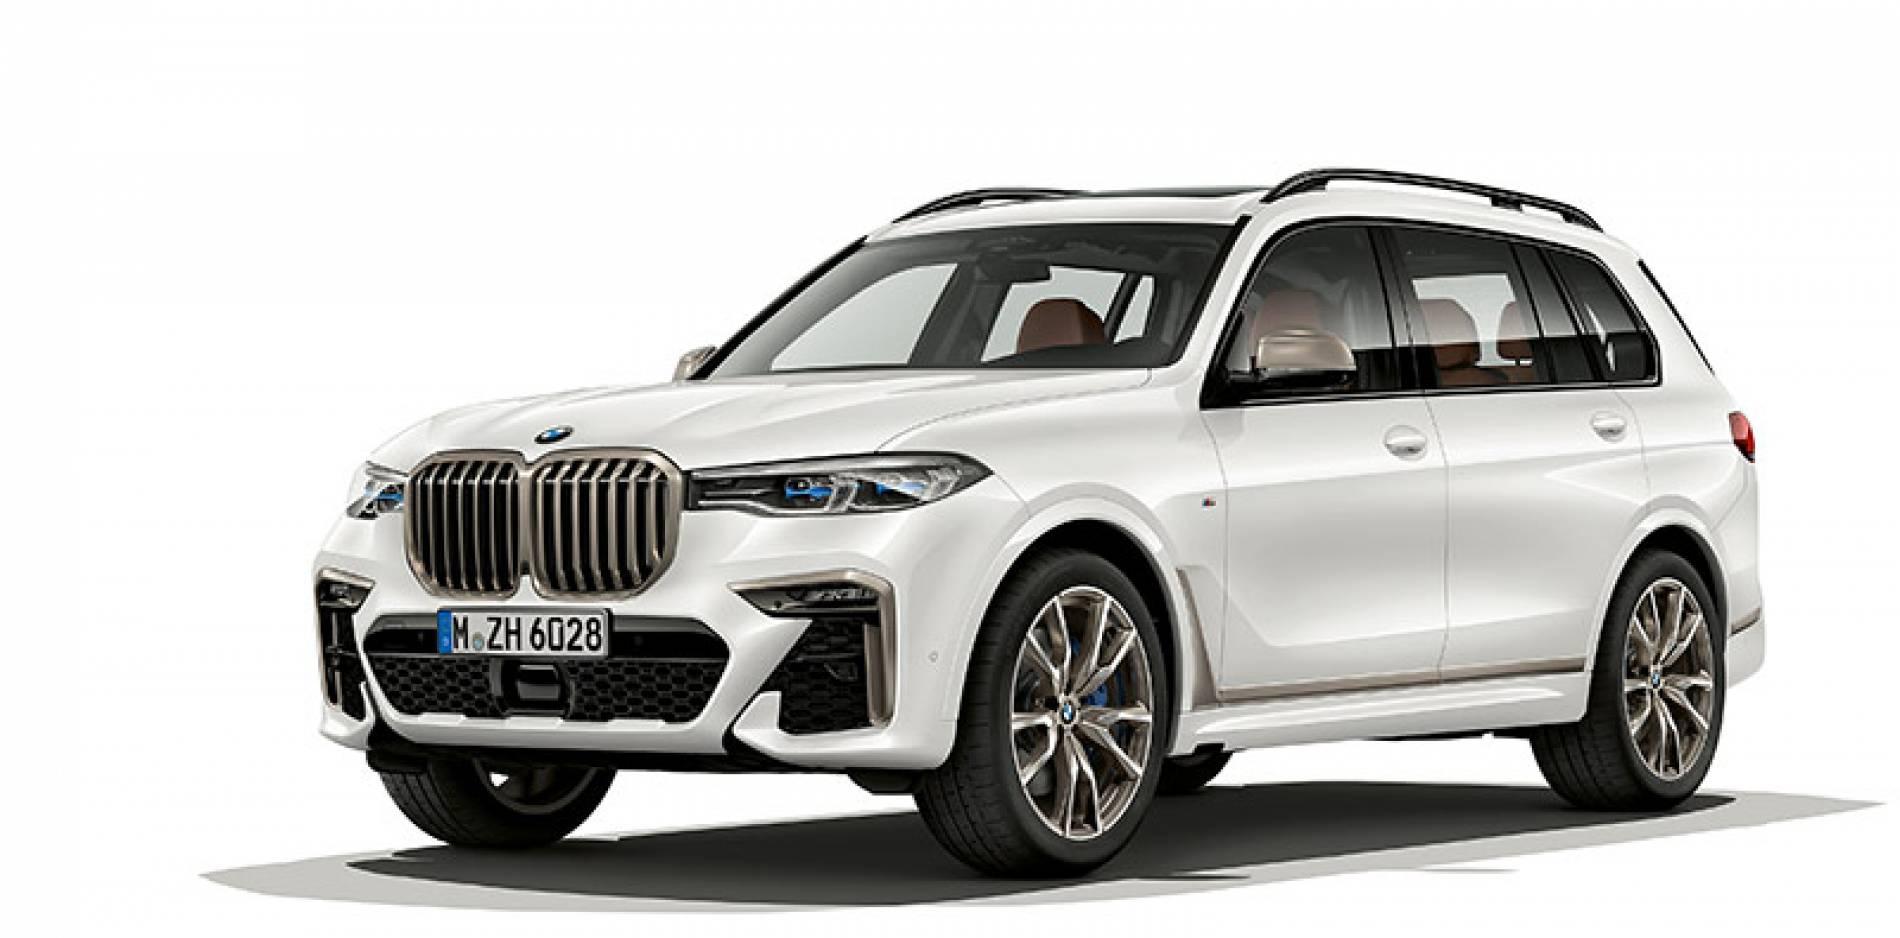 Llega el SUV más grande y más potente, el BMW X7 M50i